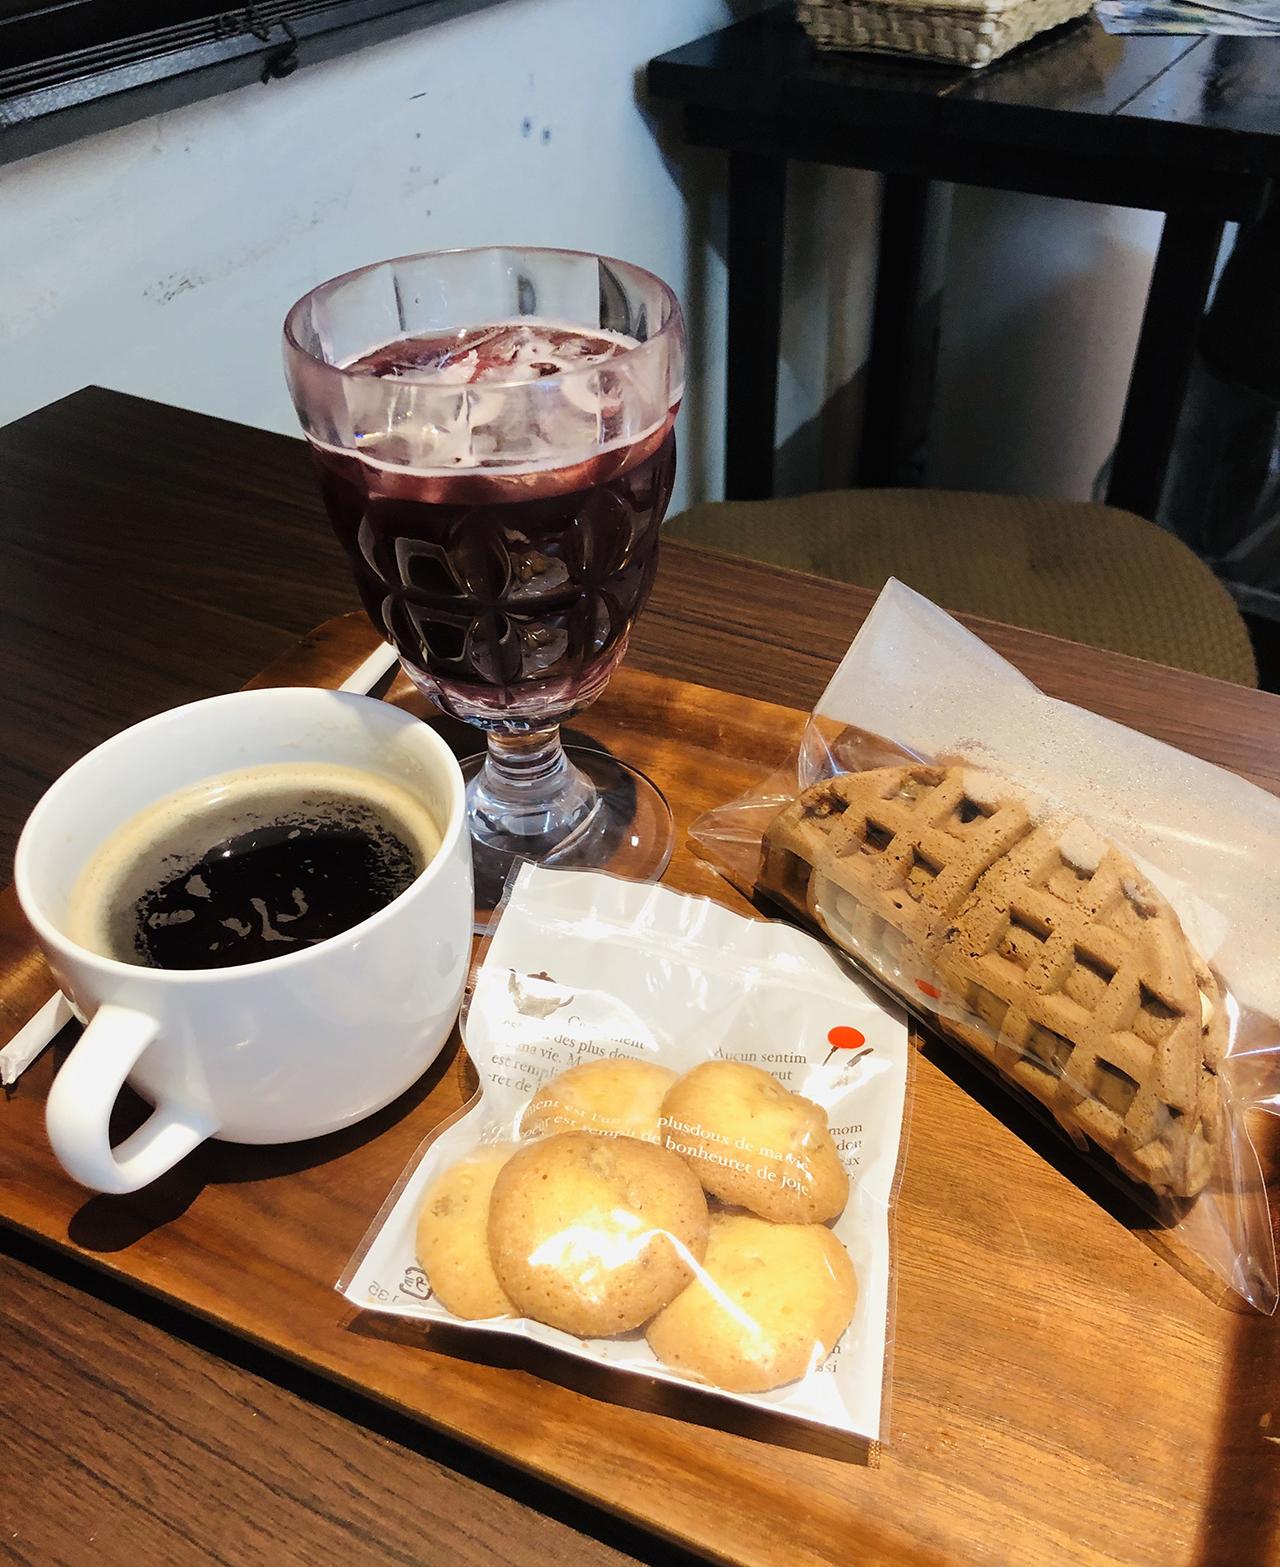 注文したワッフル・クッキー・飲み物の写真